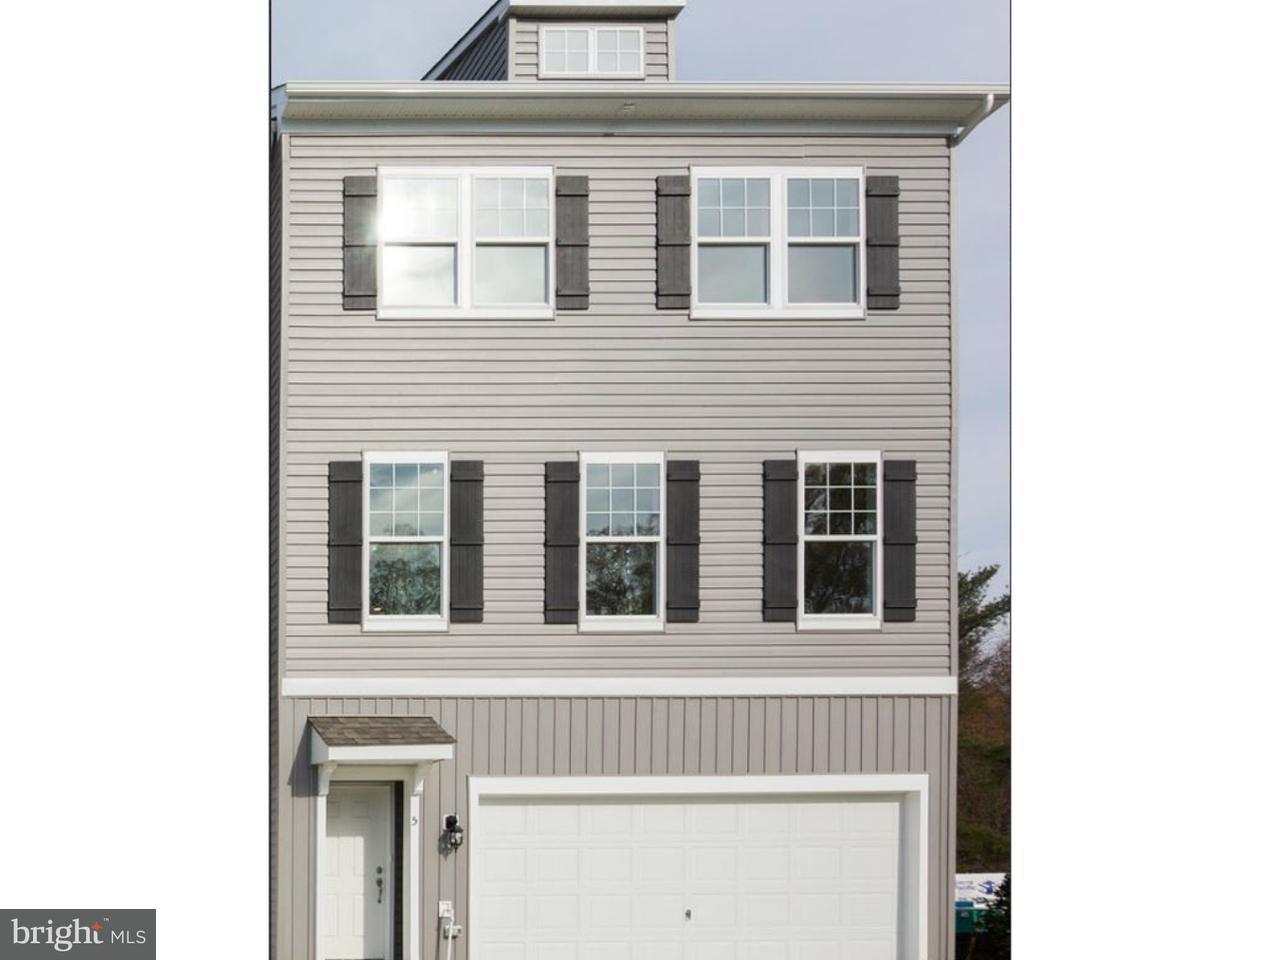 Radhus för Försäljning vid 5 SULLIVAN WAY Marlton, New Jersey 08053 Usa